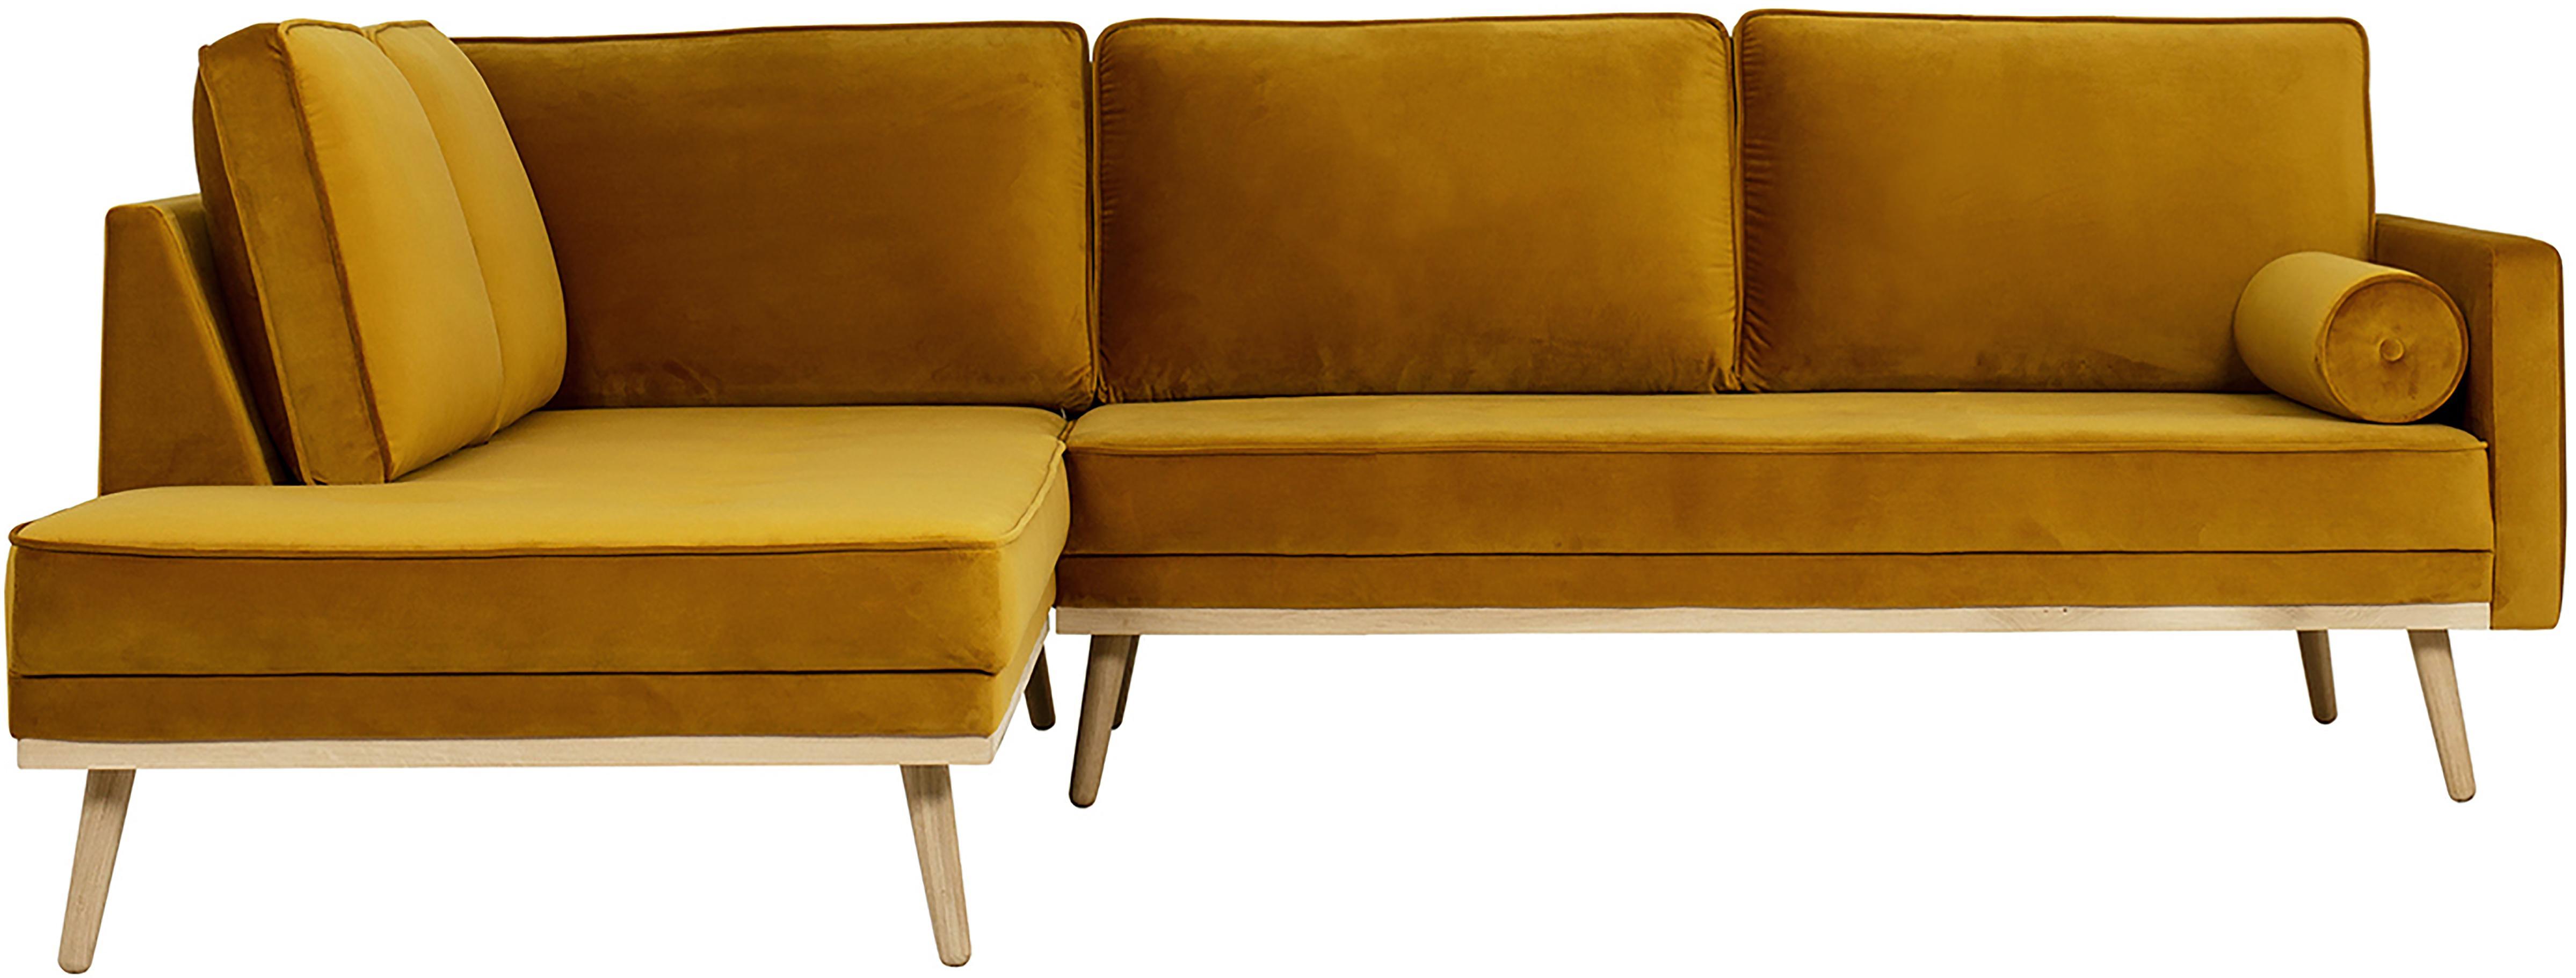 Divano angolare 3 posti in velluto giallo senape Saint, Rivestimento: velluto (poliestere) 35.0, Velluto giallo senape, Larg. 243 x Prof. 220 cm